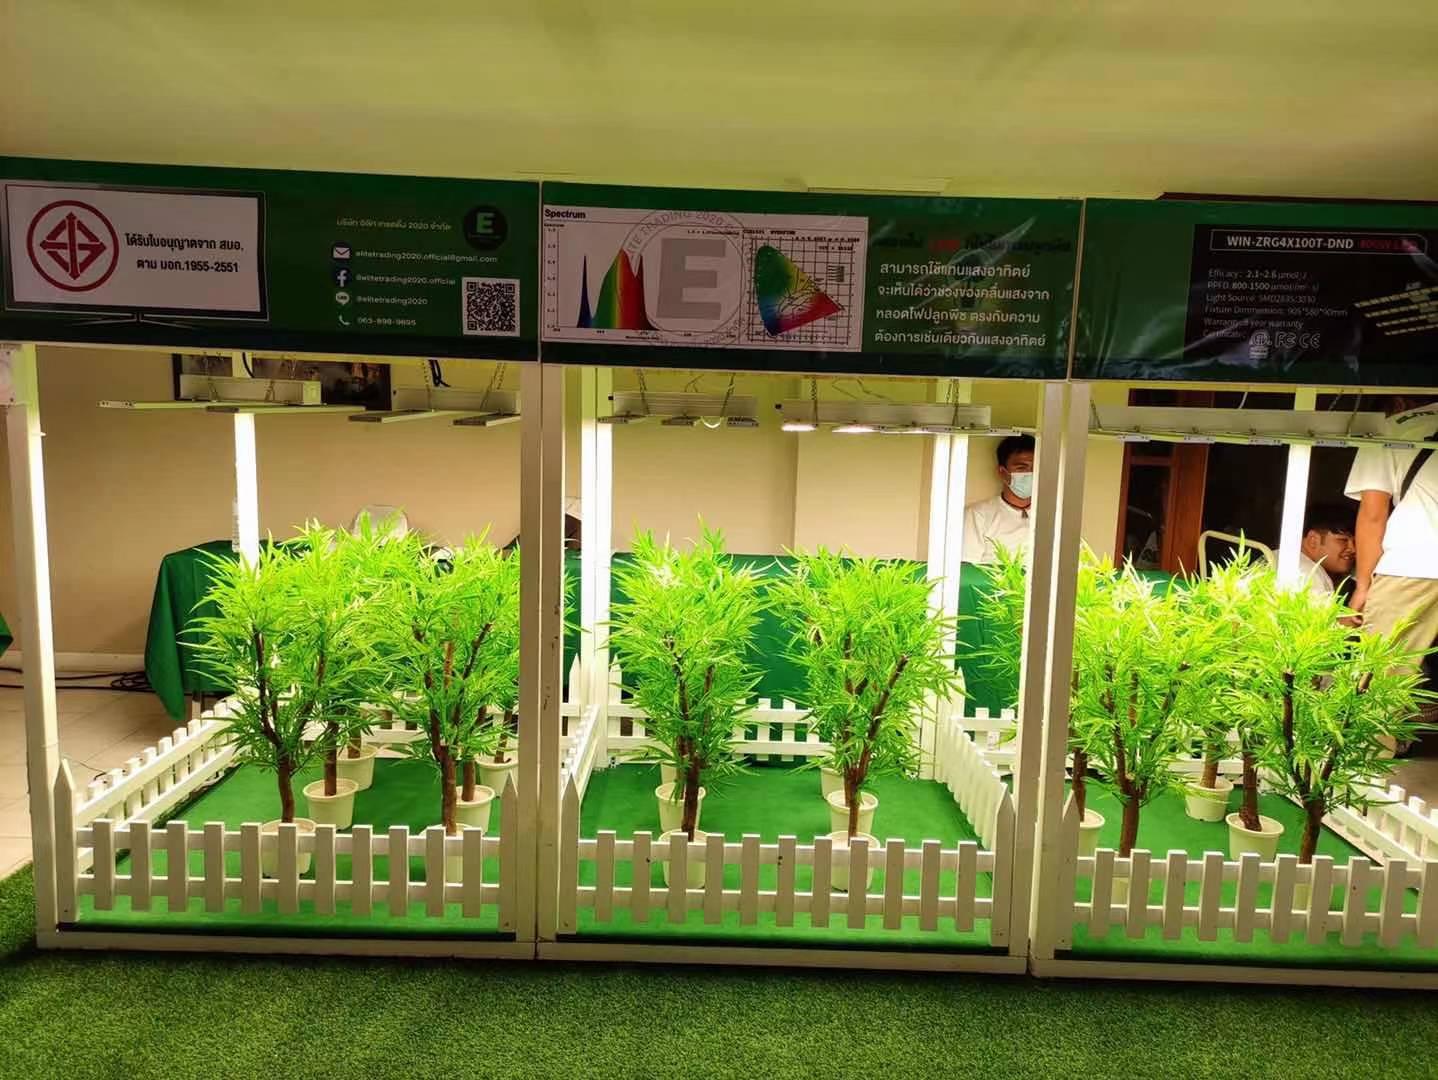 伟照业植物灯出现在泰国工业大麻展会